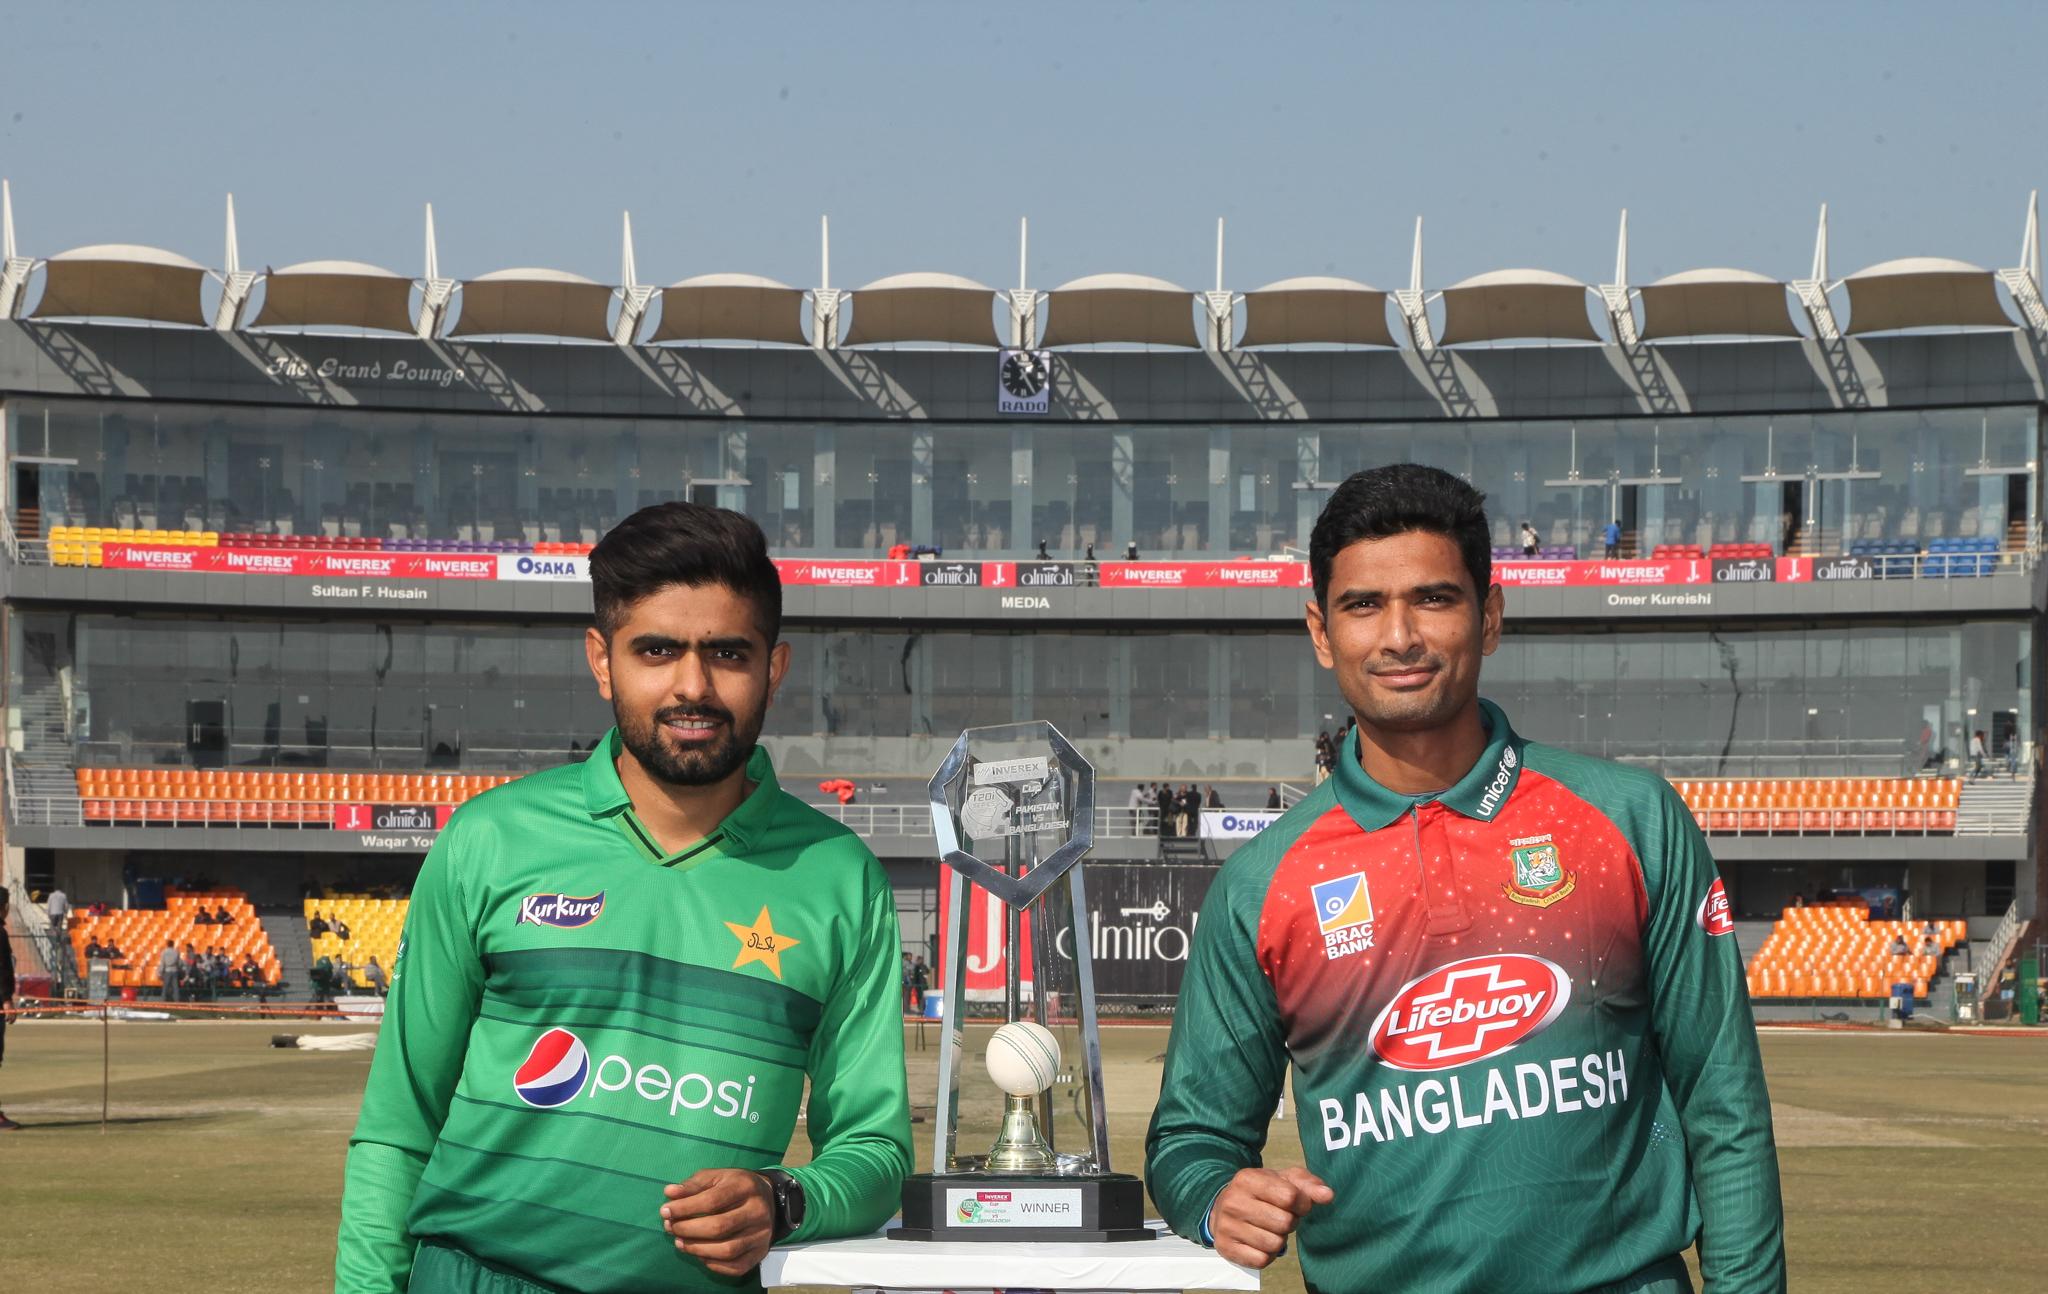 پاک بنگلہ دیش سیریز ، ٹی ٹوئنٹی سیریز کا پہلا میچ آج قذافی اسٹیڈیم میں کھیلا جائے گا